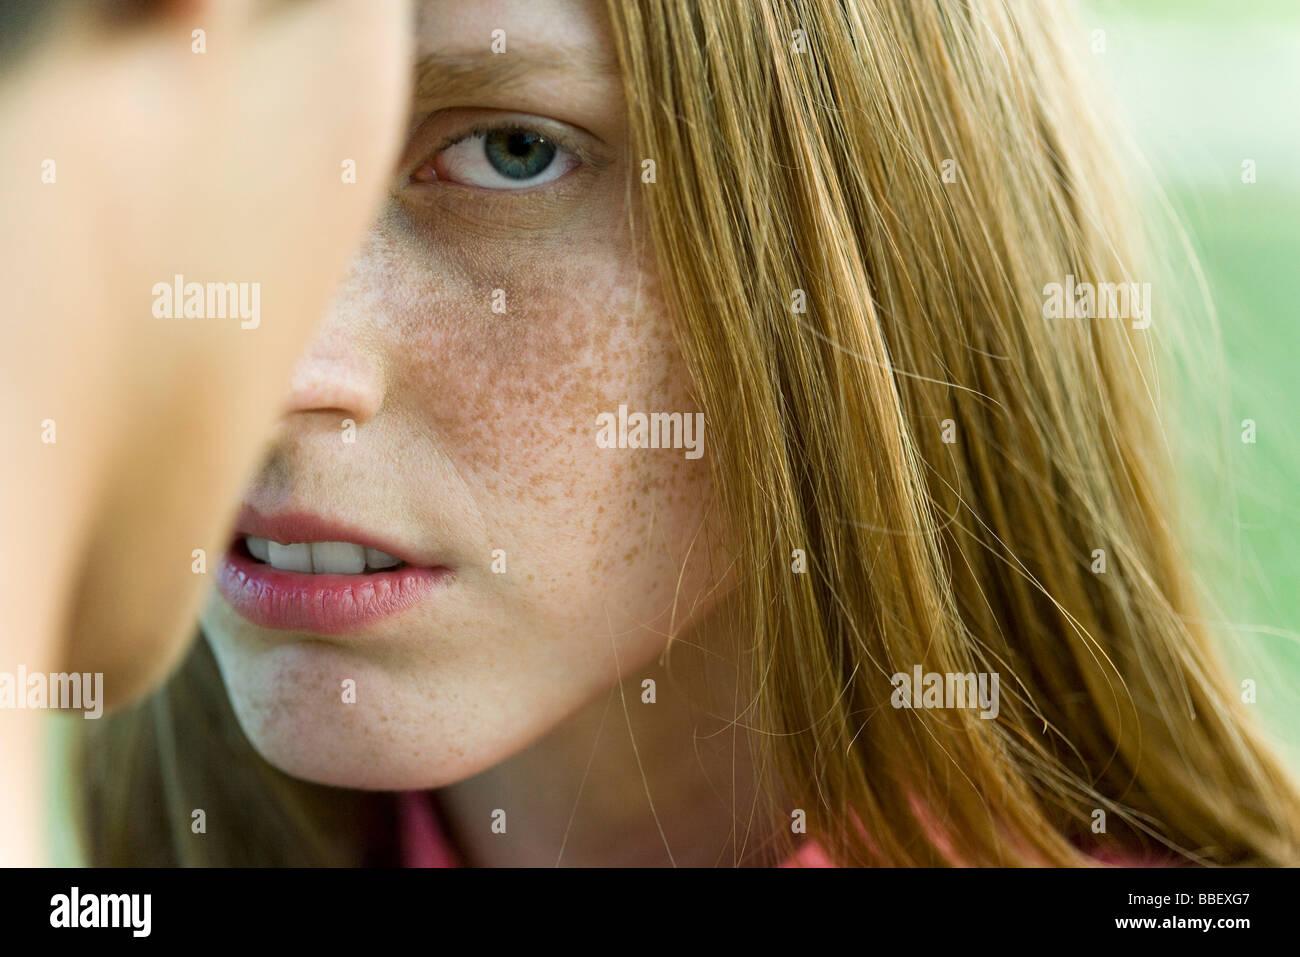 Young woman facing man, staring warily at camera, cropped - Stock Image